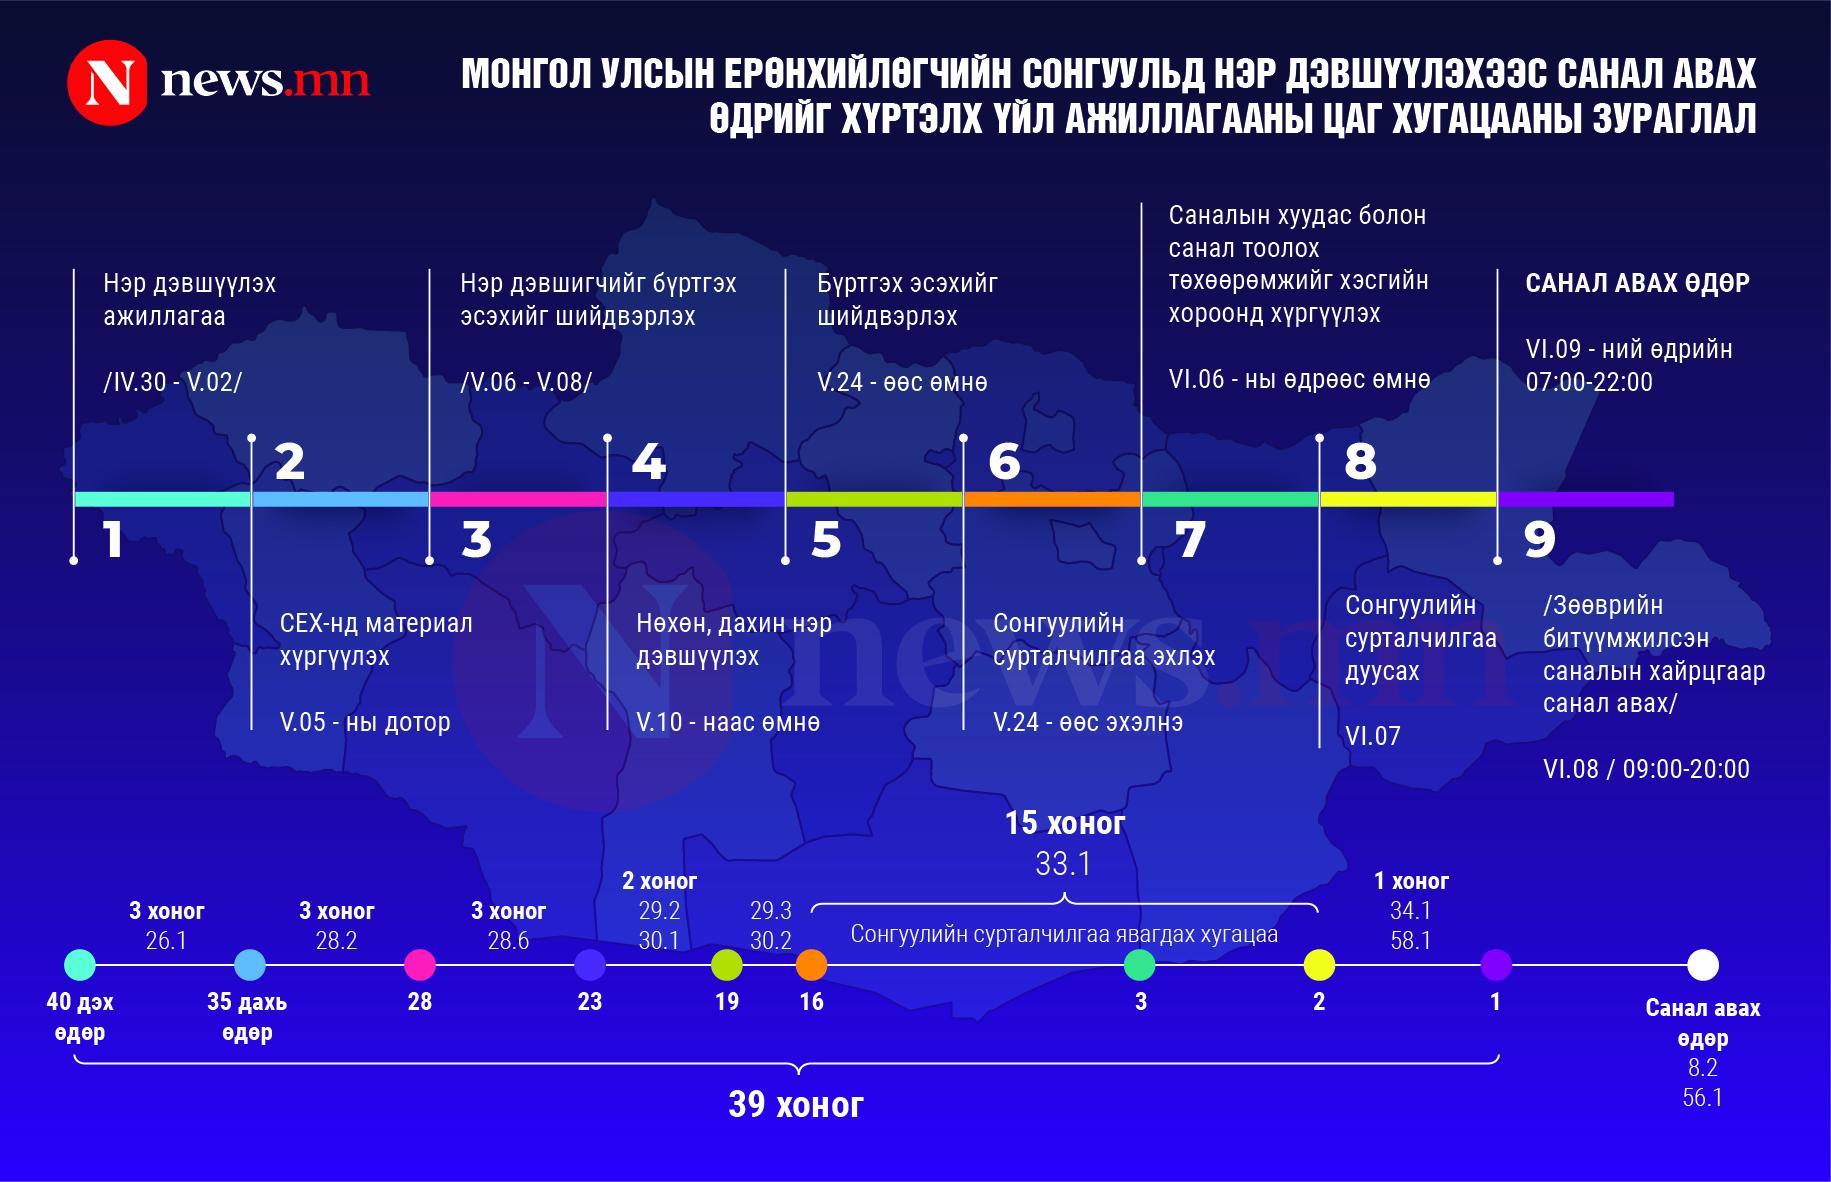 Тайлбар: 2021 оны Ерөнхийлөгчийн сонгуулийн үйл ажиллагааны хуваарь